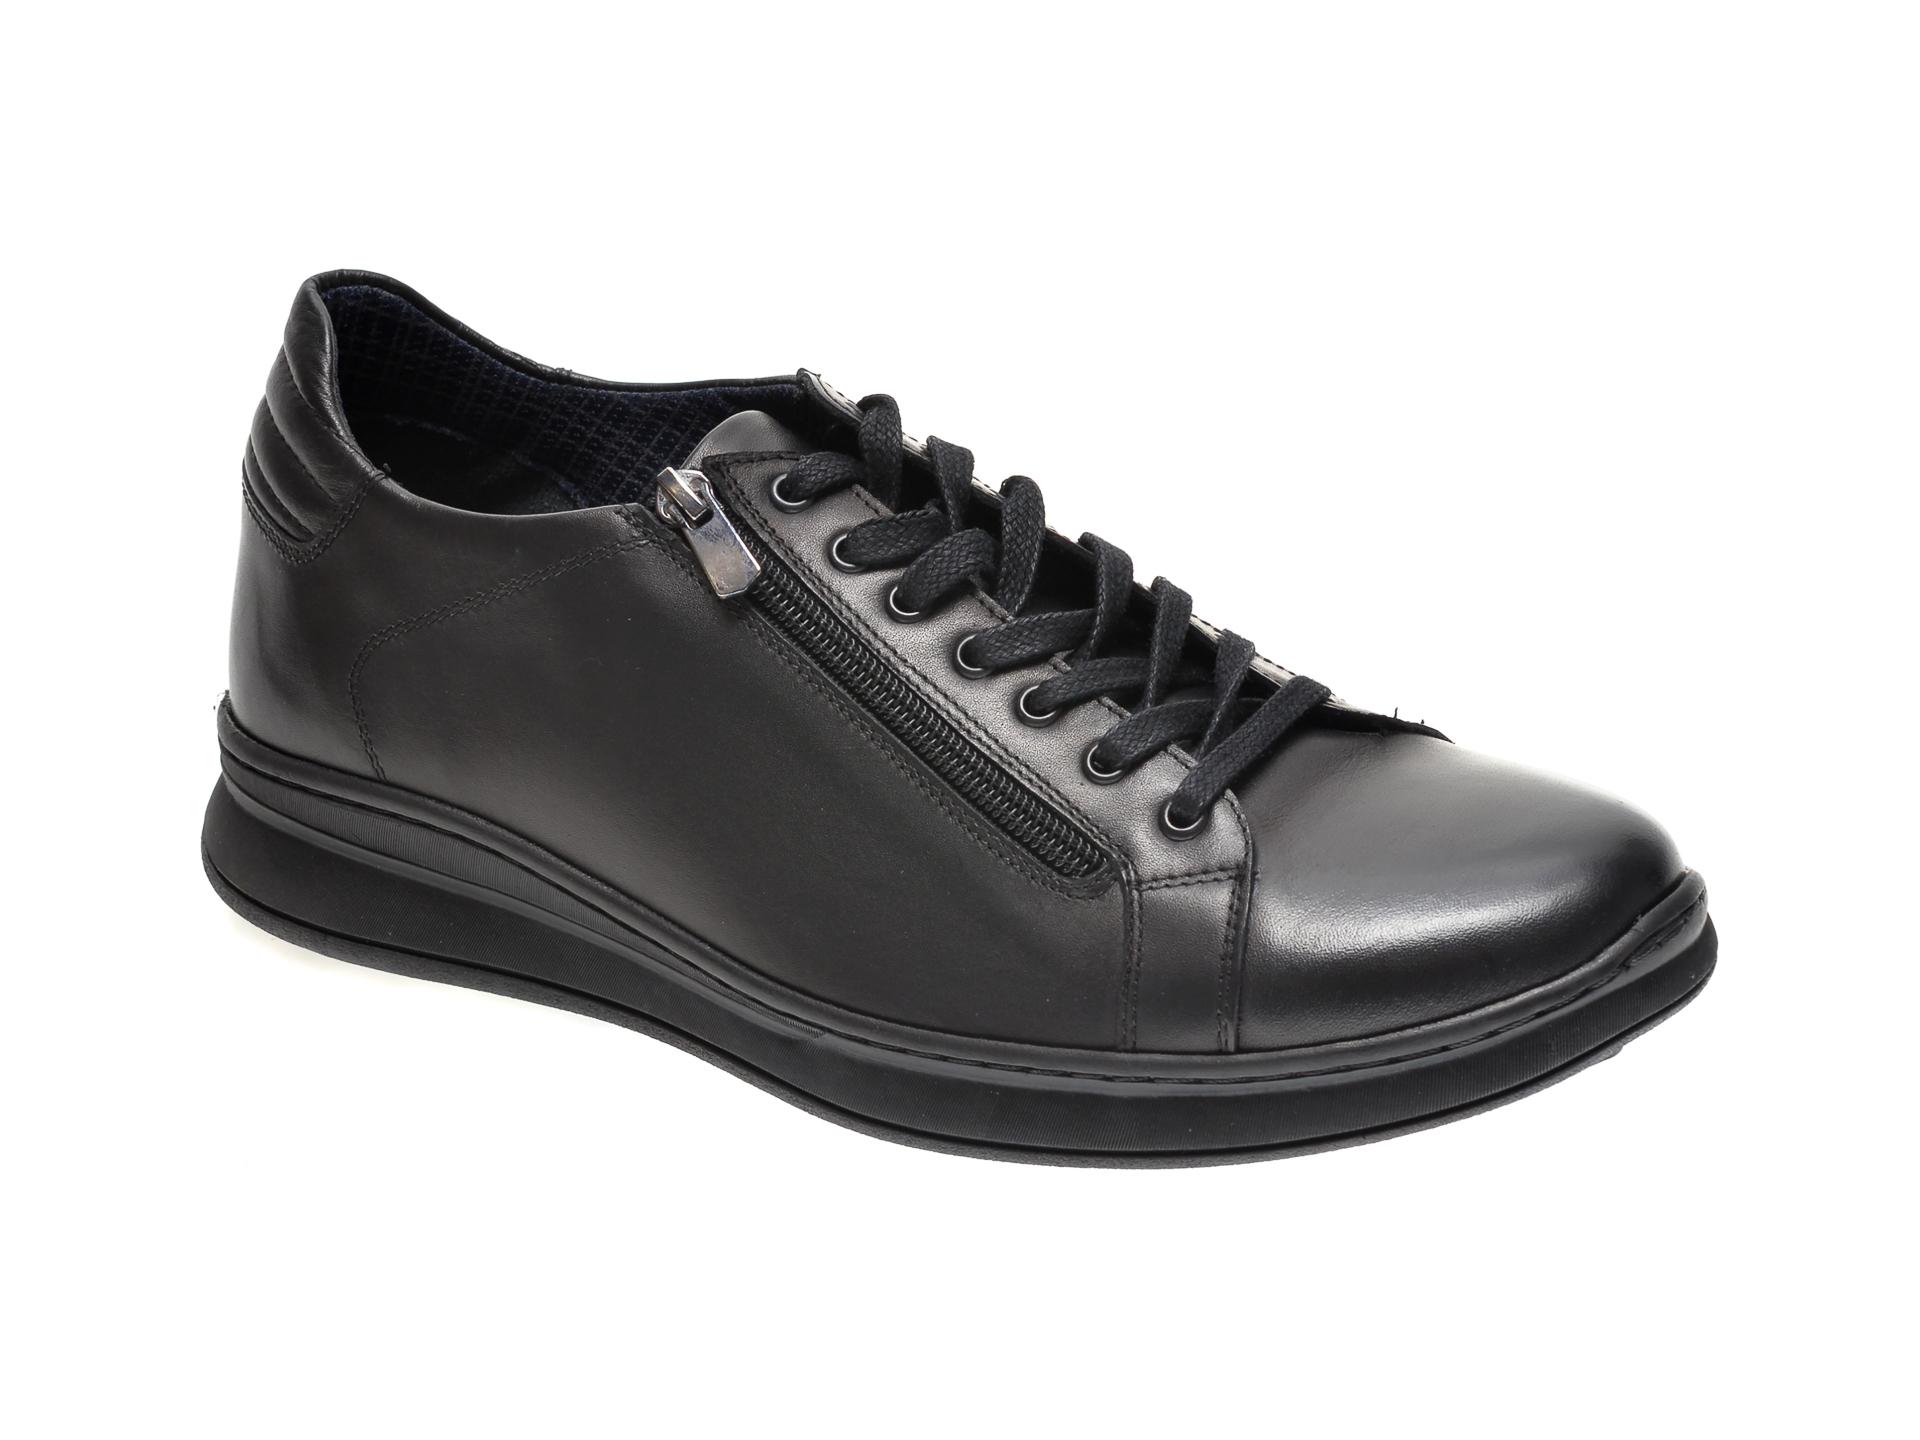 Pantofi OTTER negri, OT01, din piele naturala imagine